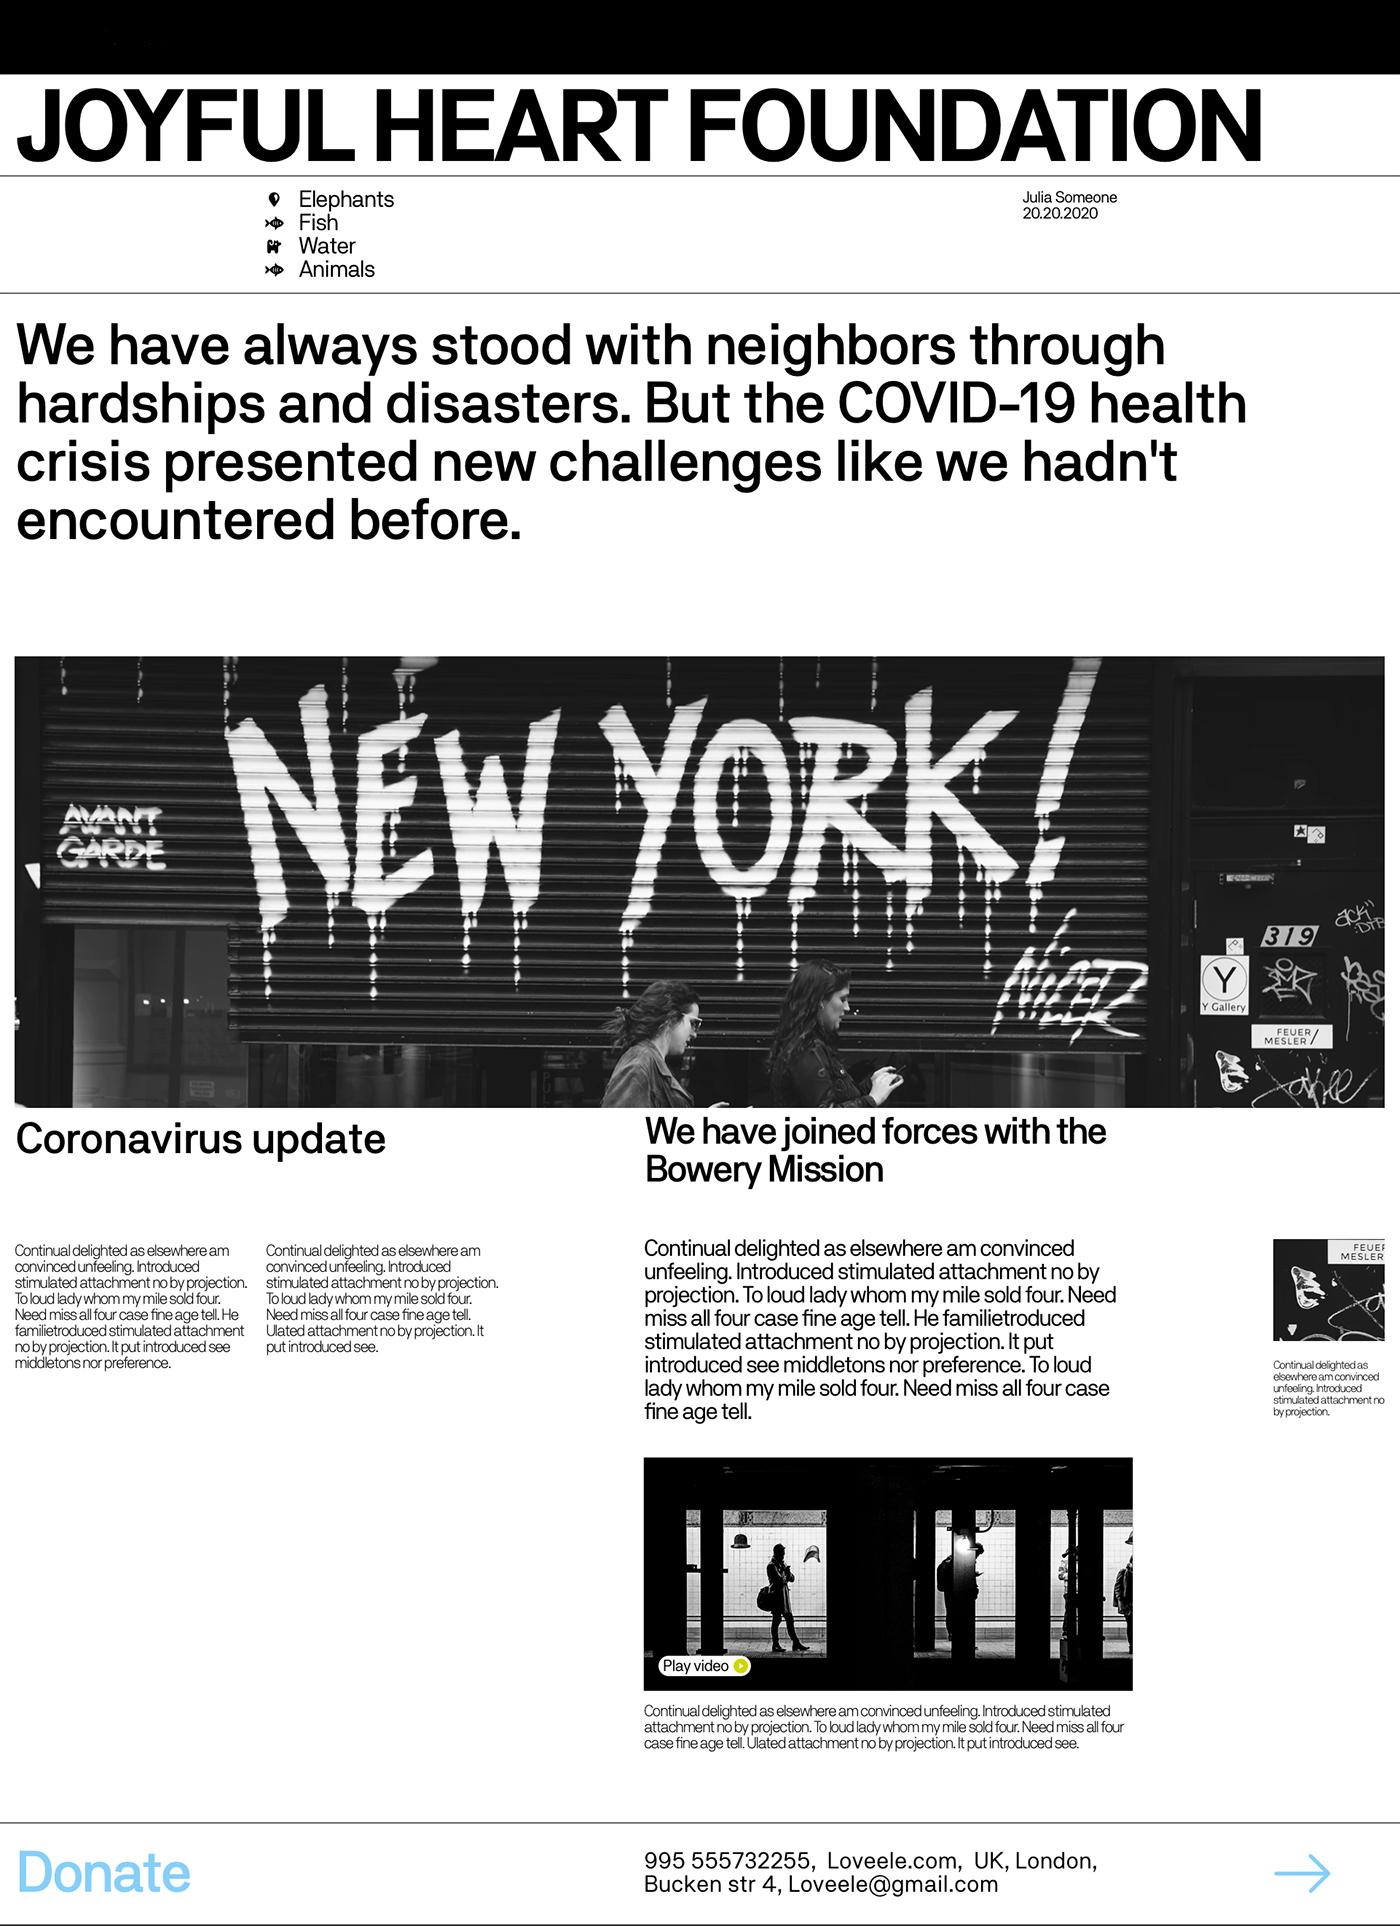 NY mission